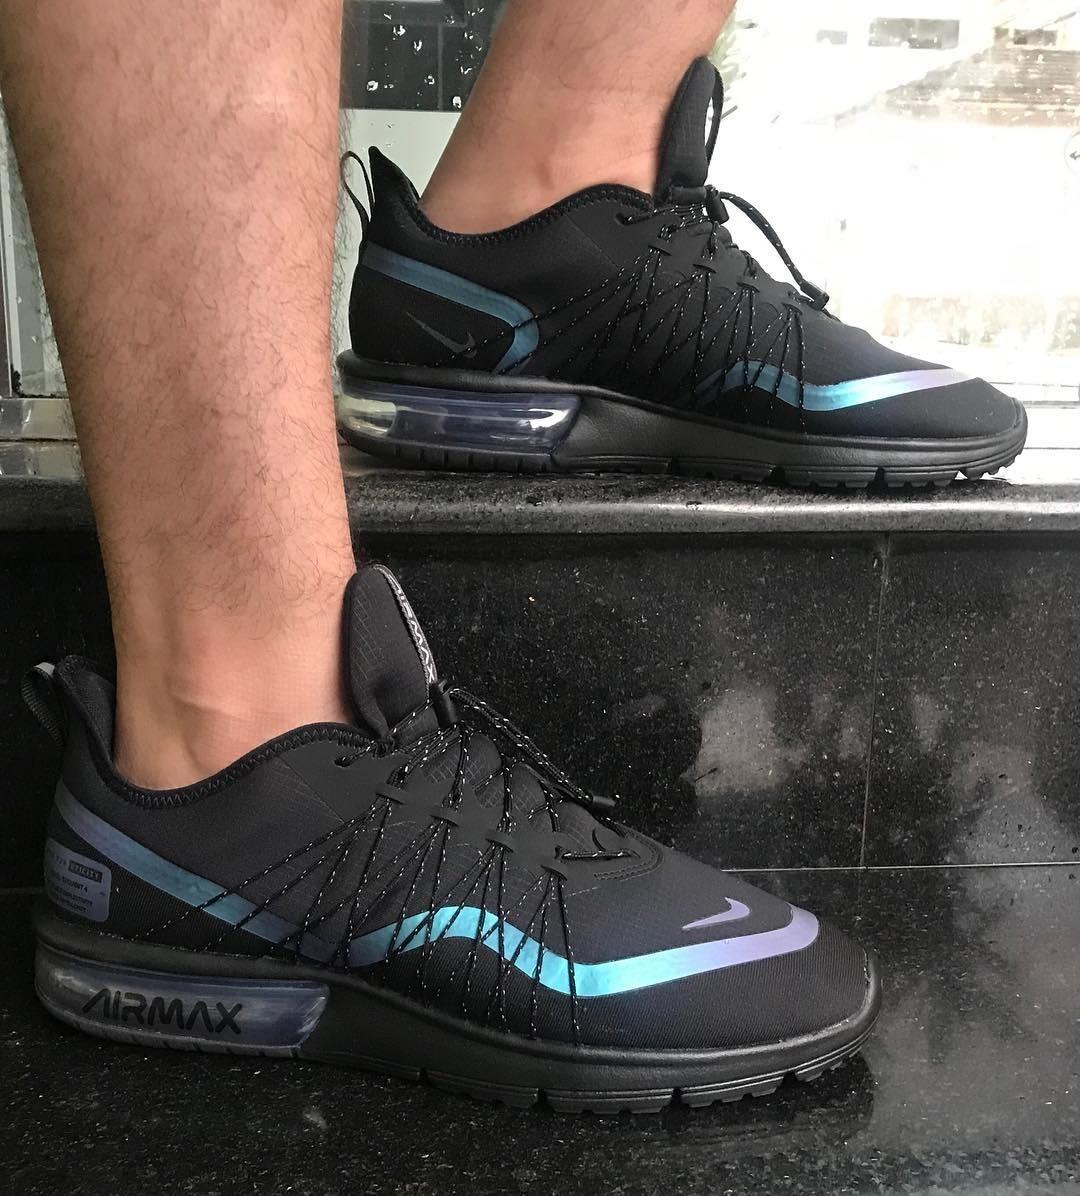 Menor preço em Tênis Nike Air Max Sequent 4 Utility Masculino VERDE ESCURO